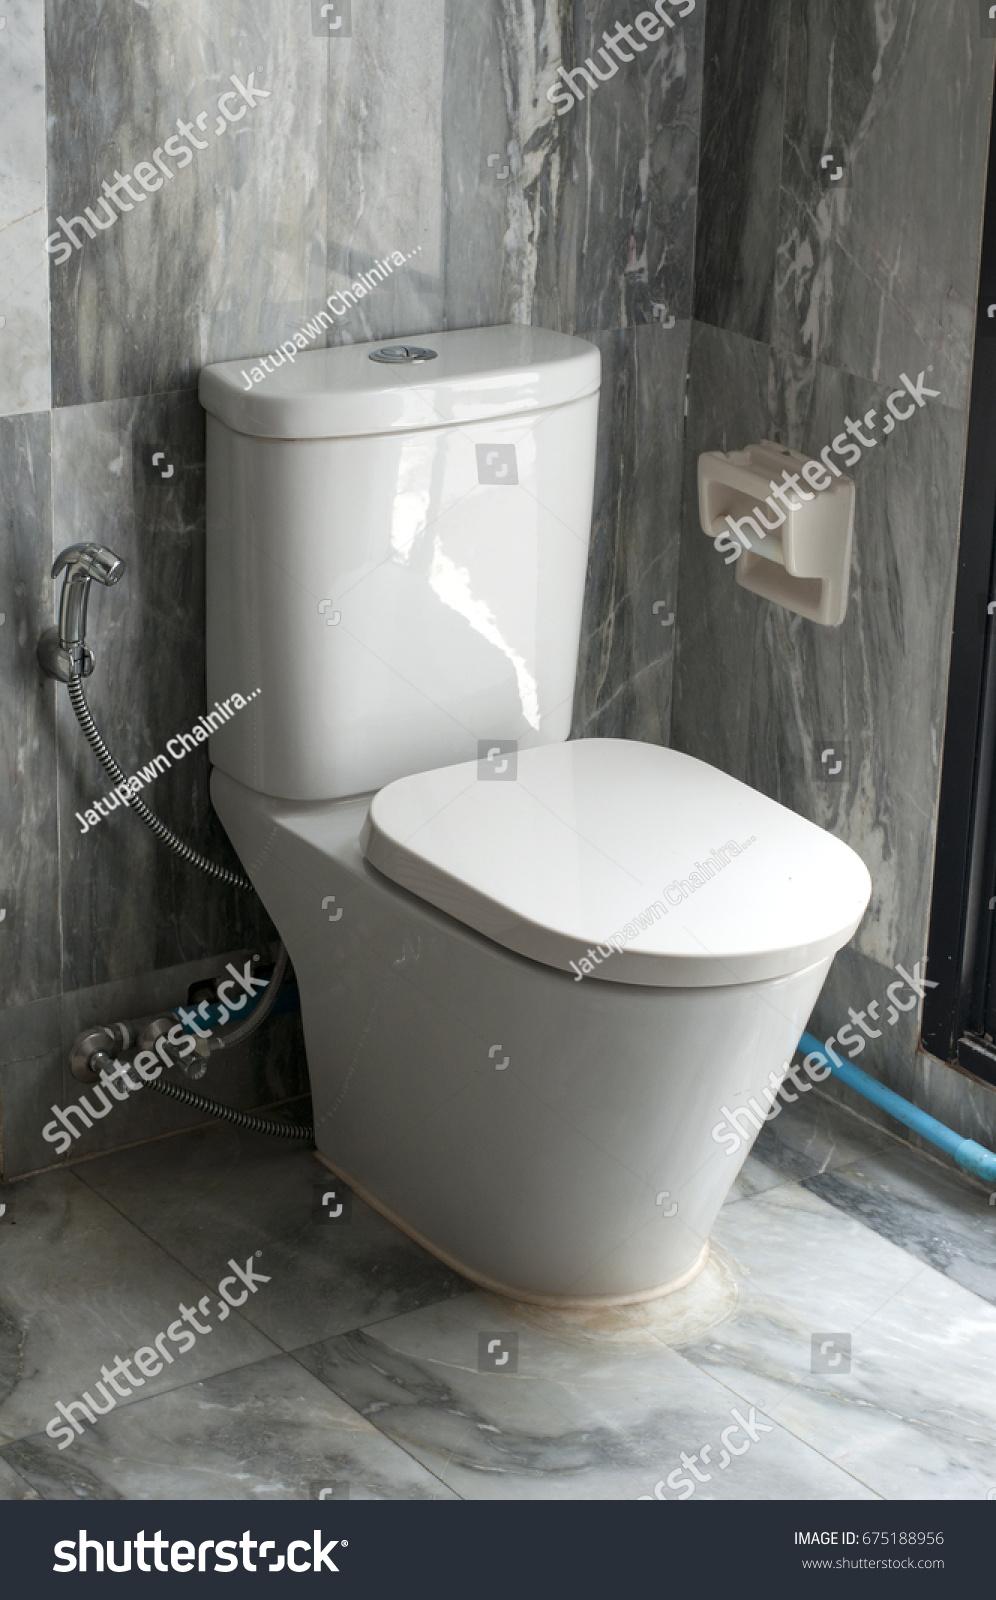 White Camode Toilet Seat Gray Marble Stock Photo Edit Now 675188956